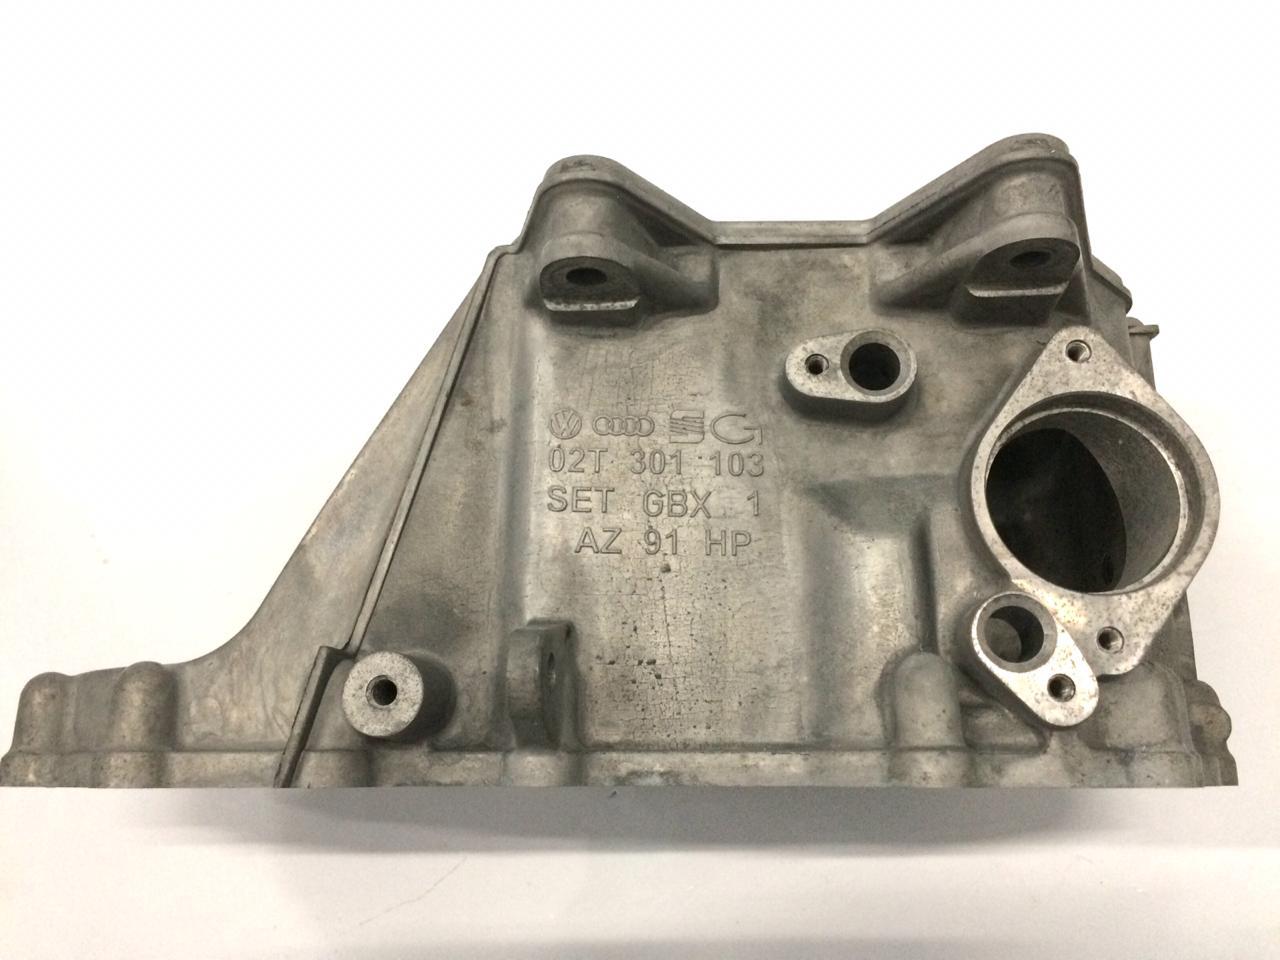 Carcaça do Cambio Caixa de Mudança Vw Golf Polo Audi A2 02T301103F